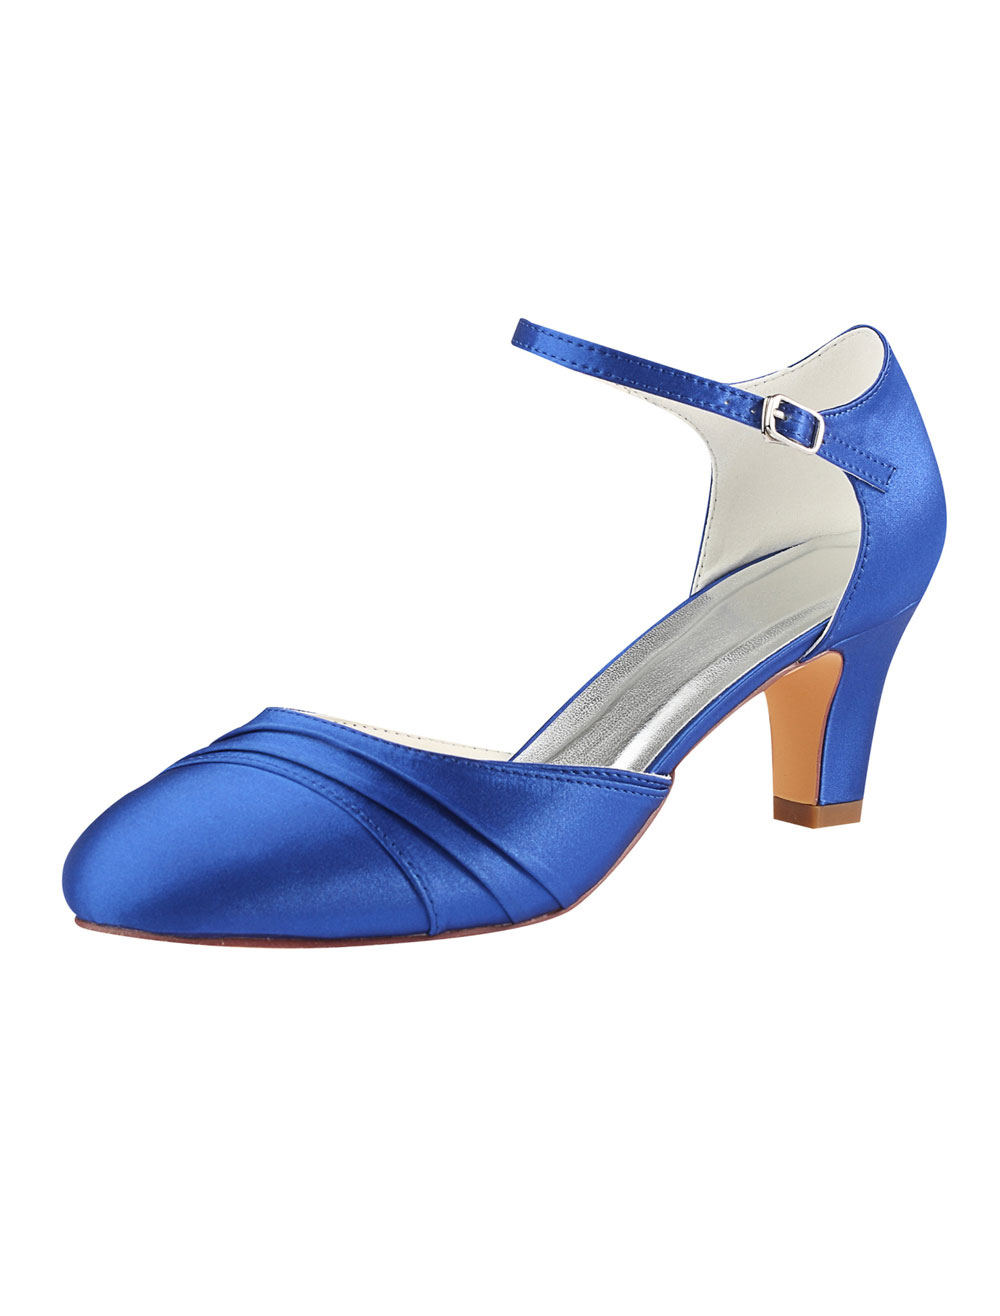 Scarpe Da Sposa Blu.Scarpe Da Sposa 2020 In Raso Blu Royal Fibbia Punta Rotonda